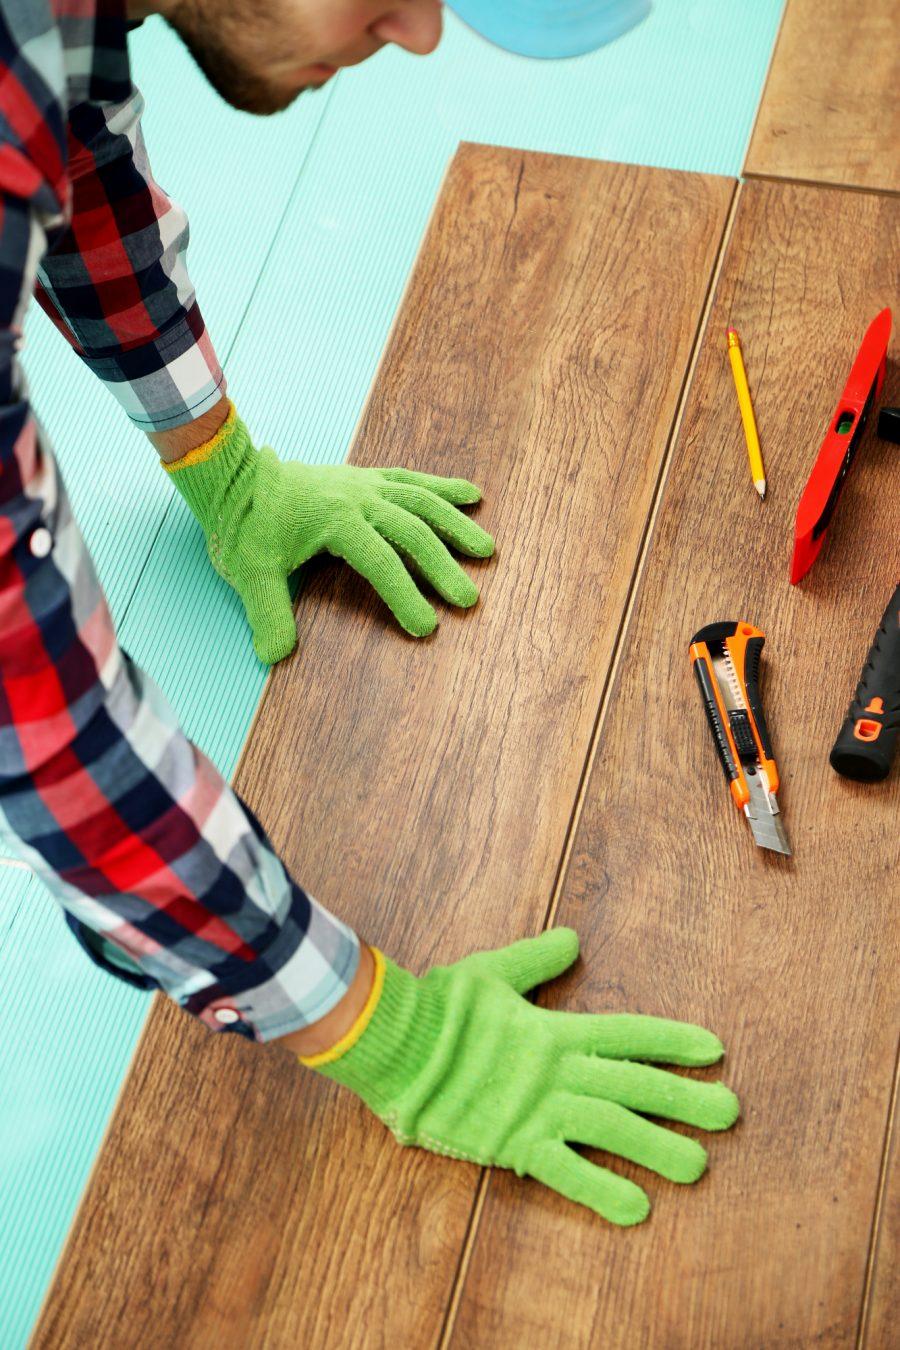 contractor installing wood flooring.